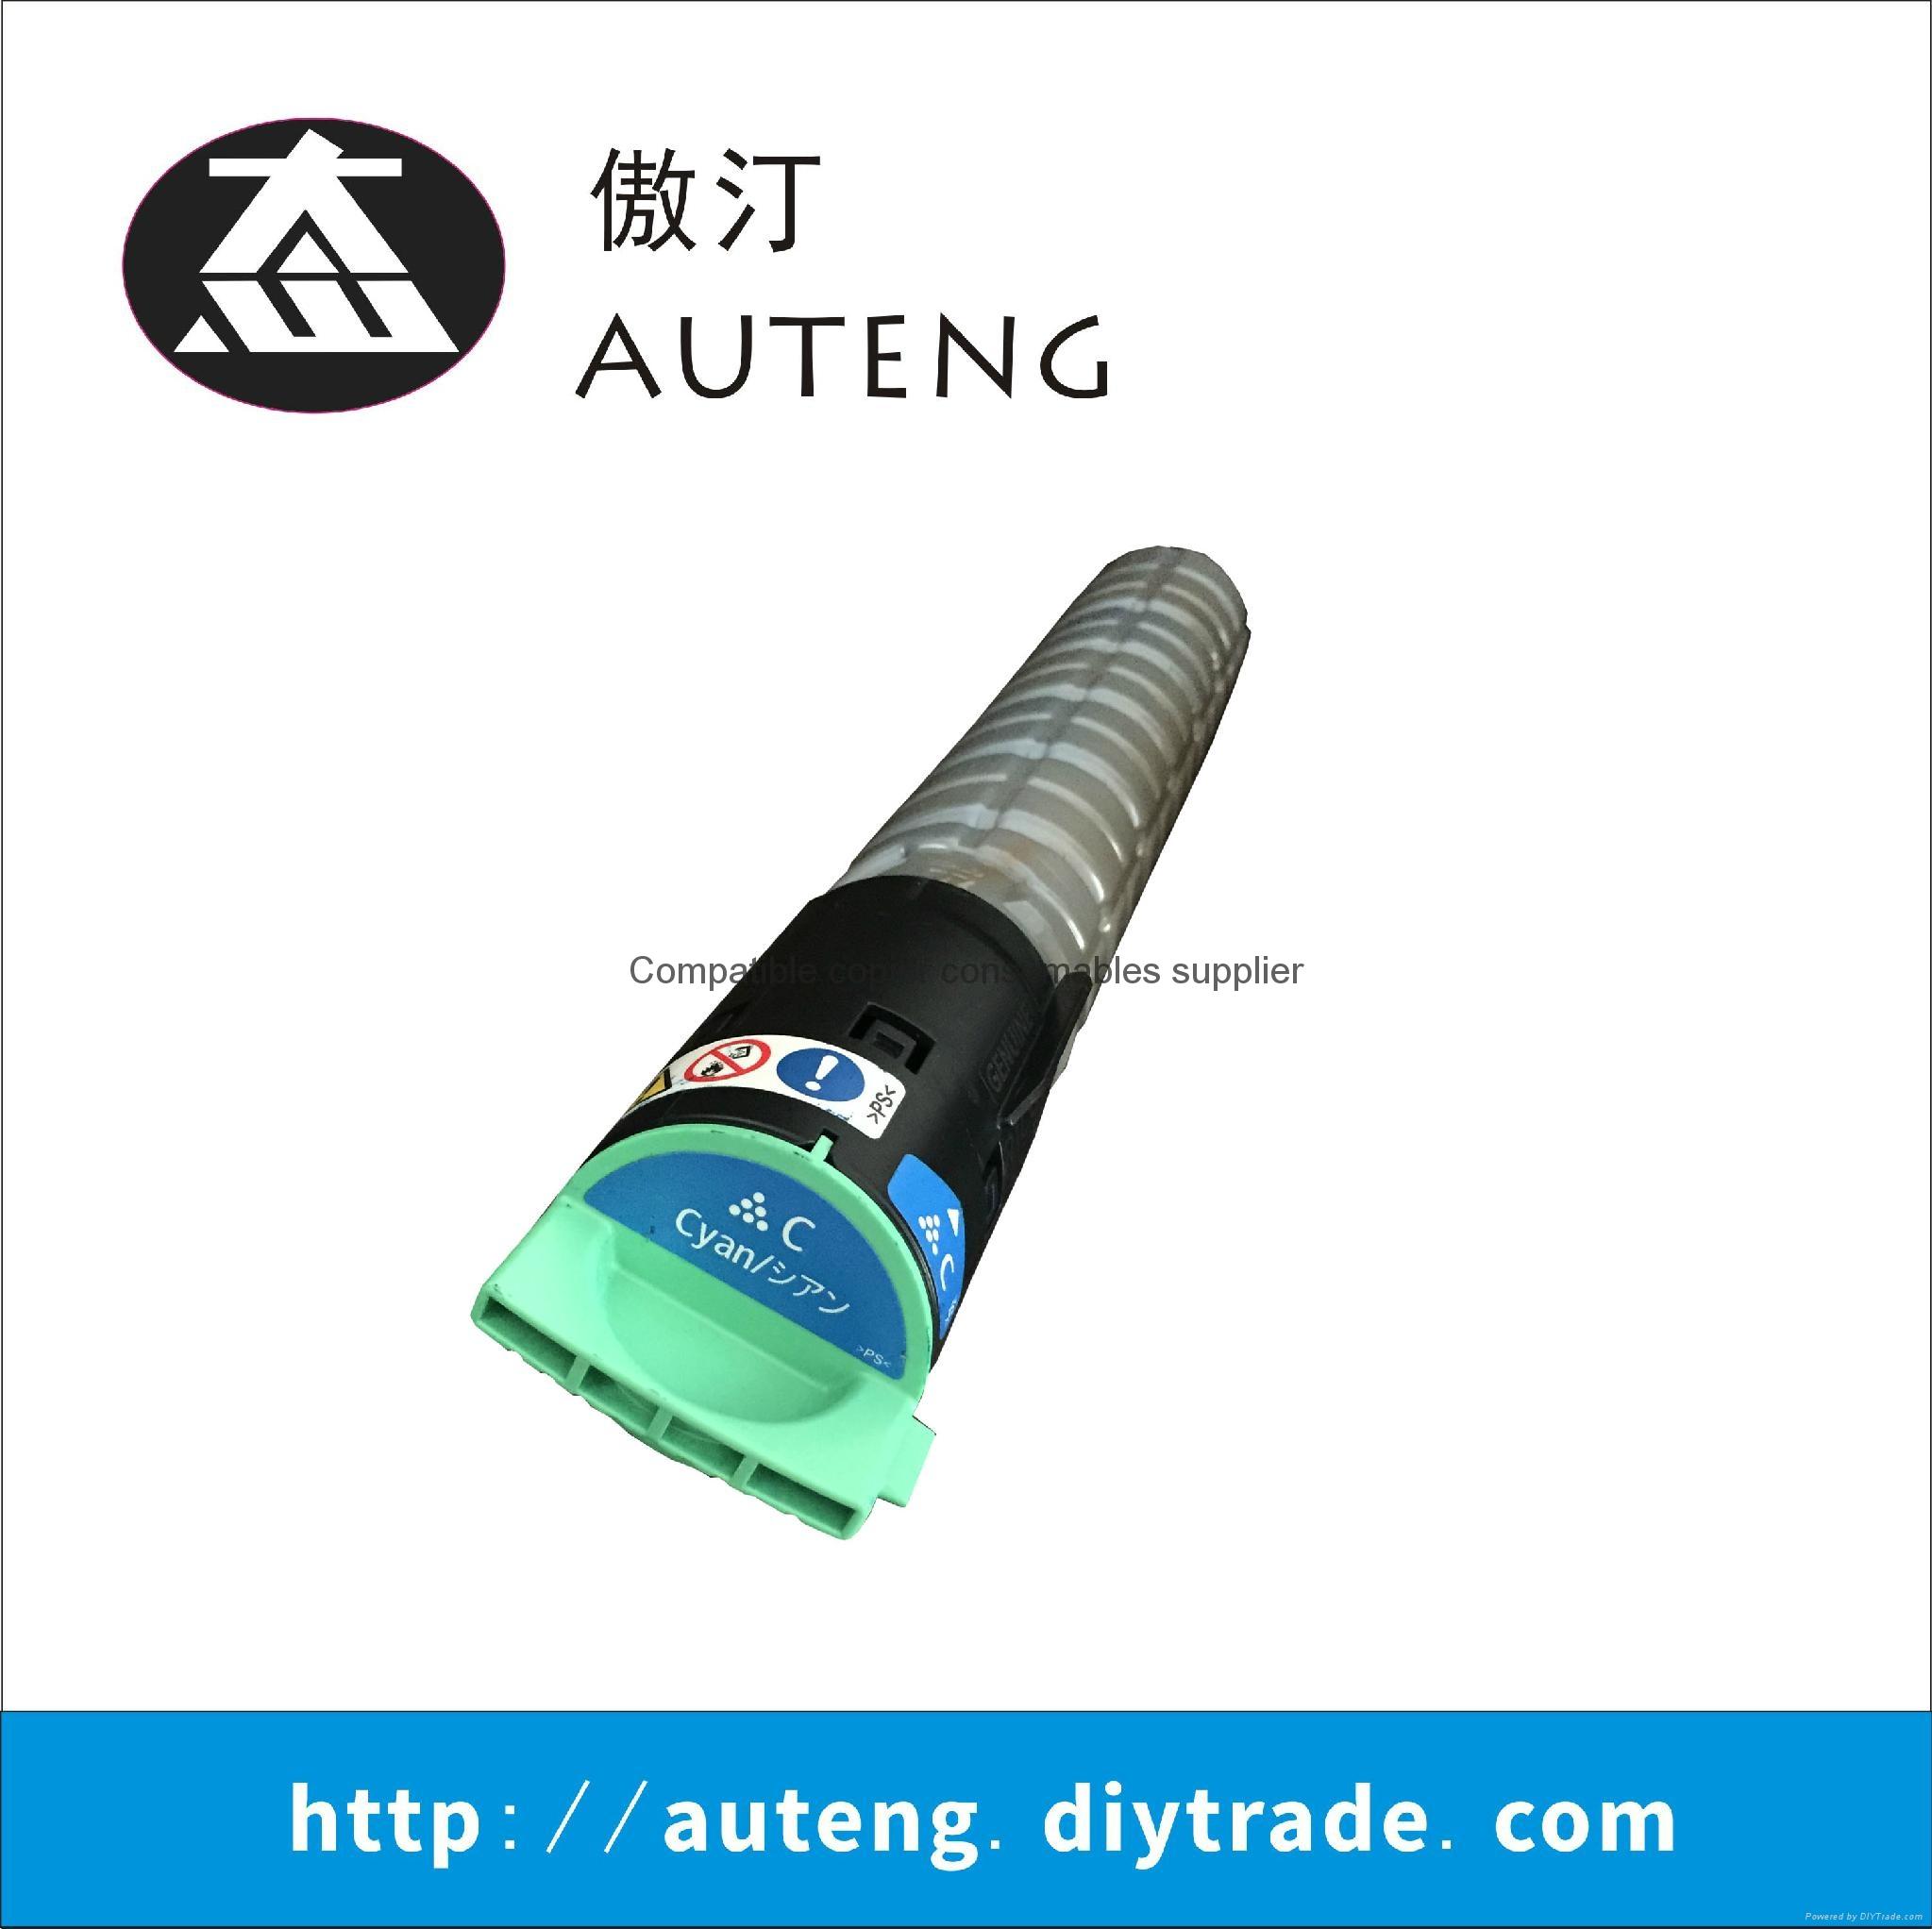 理光MP C2550C型兼容彩粉 135G青色墨粉 適用於MP C2530,MP C2550 1